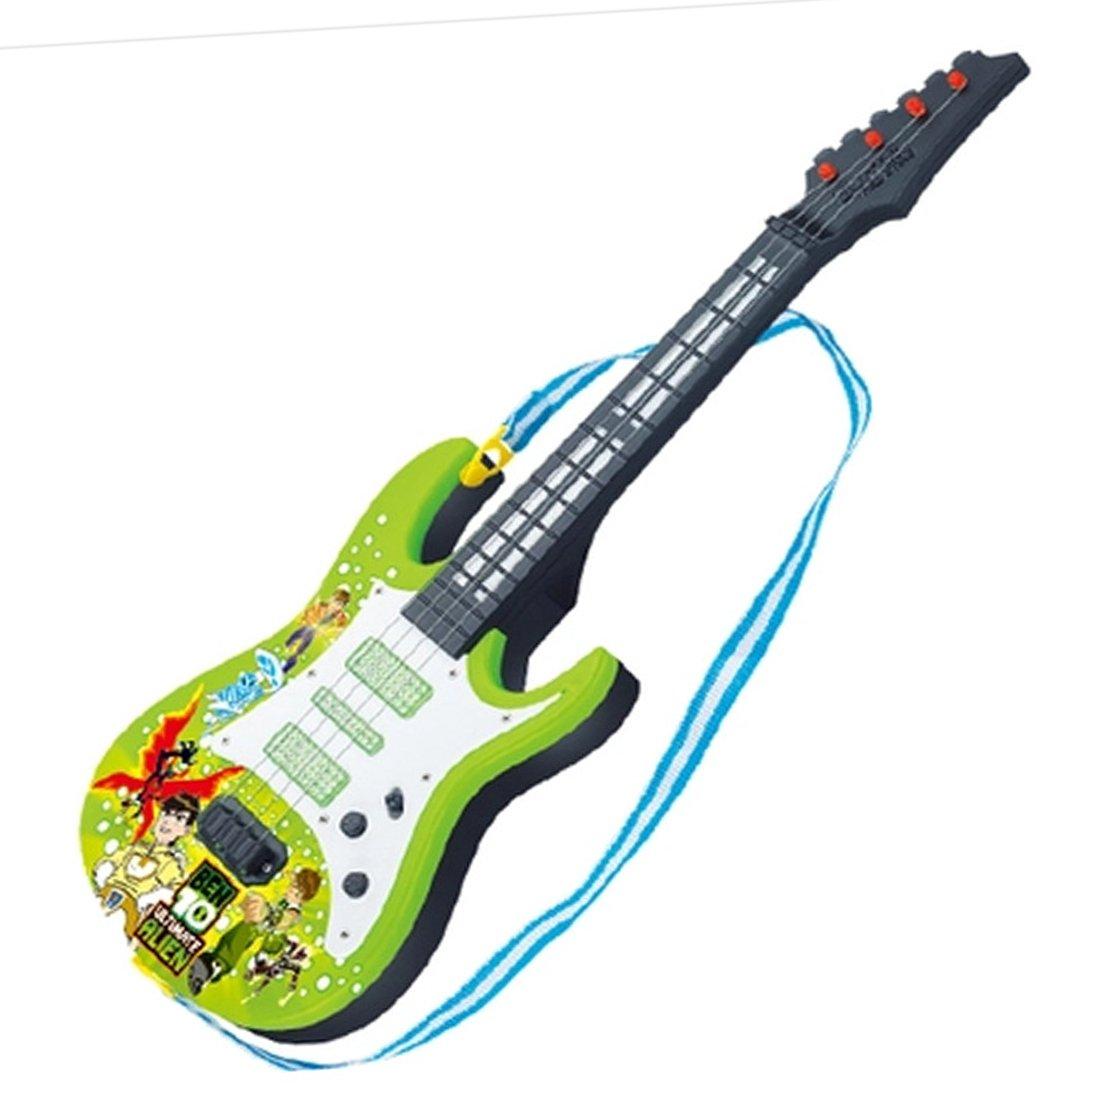 Rolanli 4 Cordes 53cm Guitare /Électrique Enfant Simulation Guitare Jouet Educatif Instrument de Musique Guitare D/ébutant